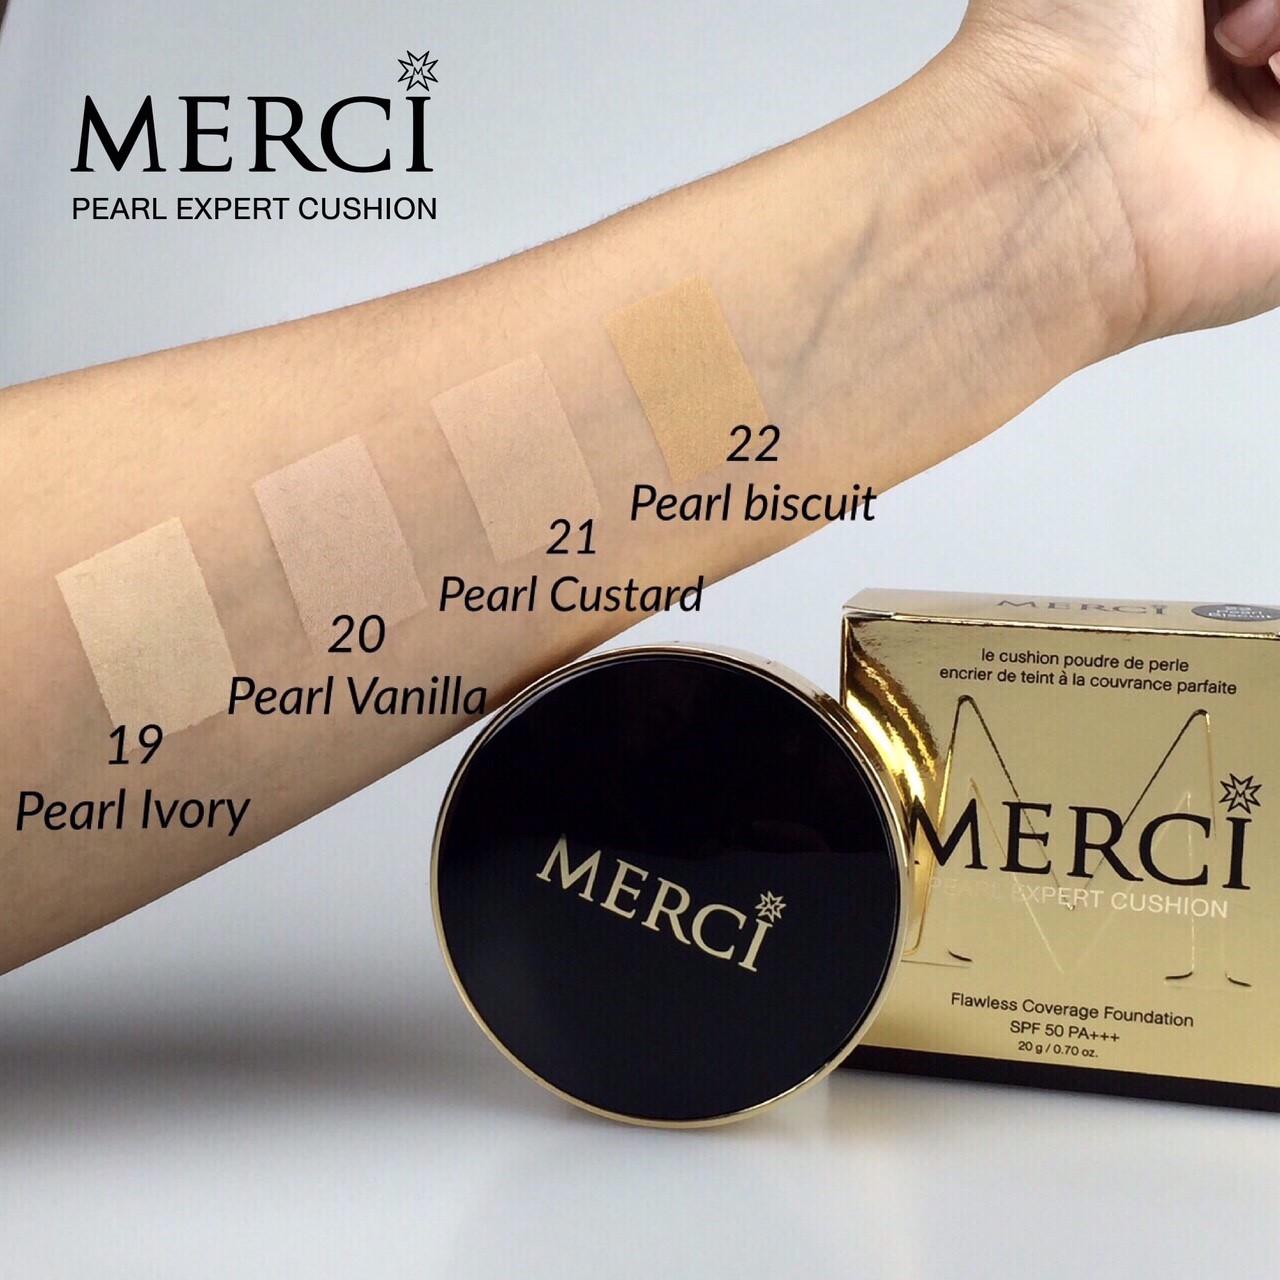 ผลการค้นหารูปภาพสำหรับ merci cushion